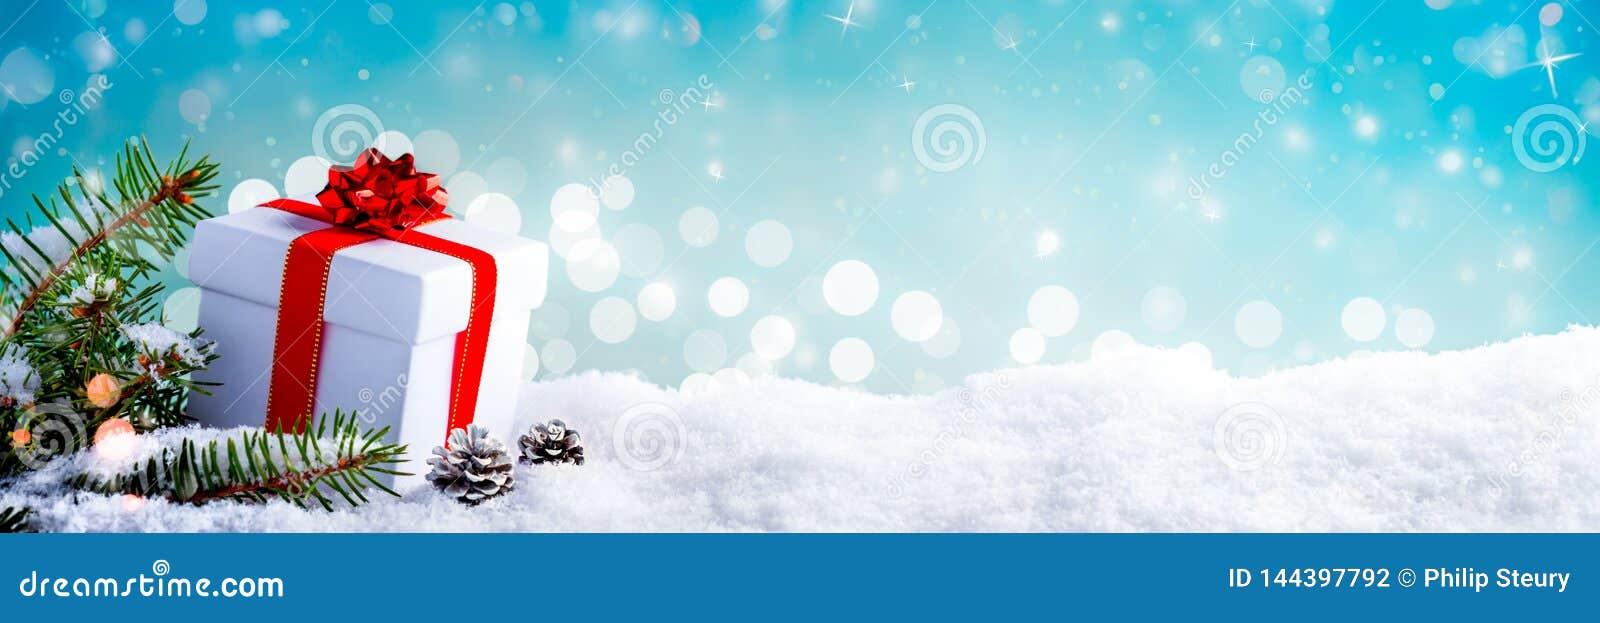 Cadeau de No?l dans la neige